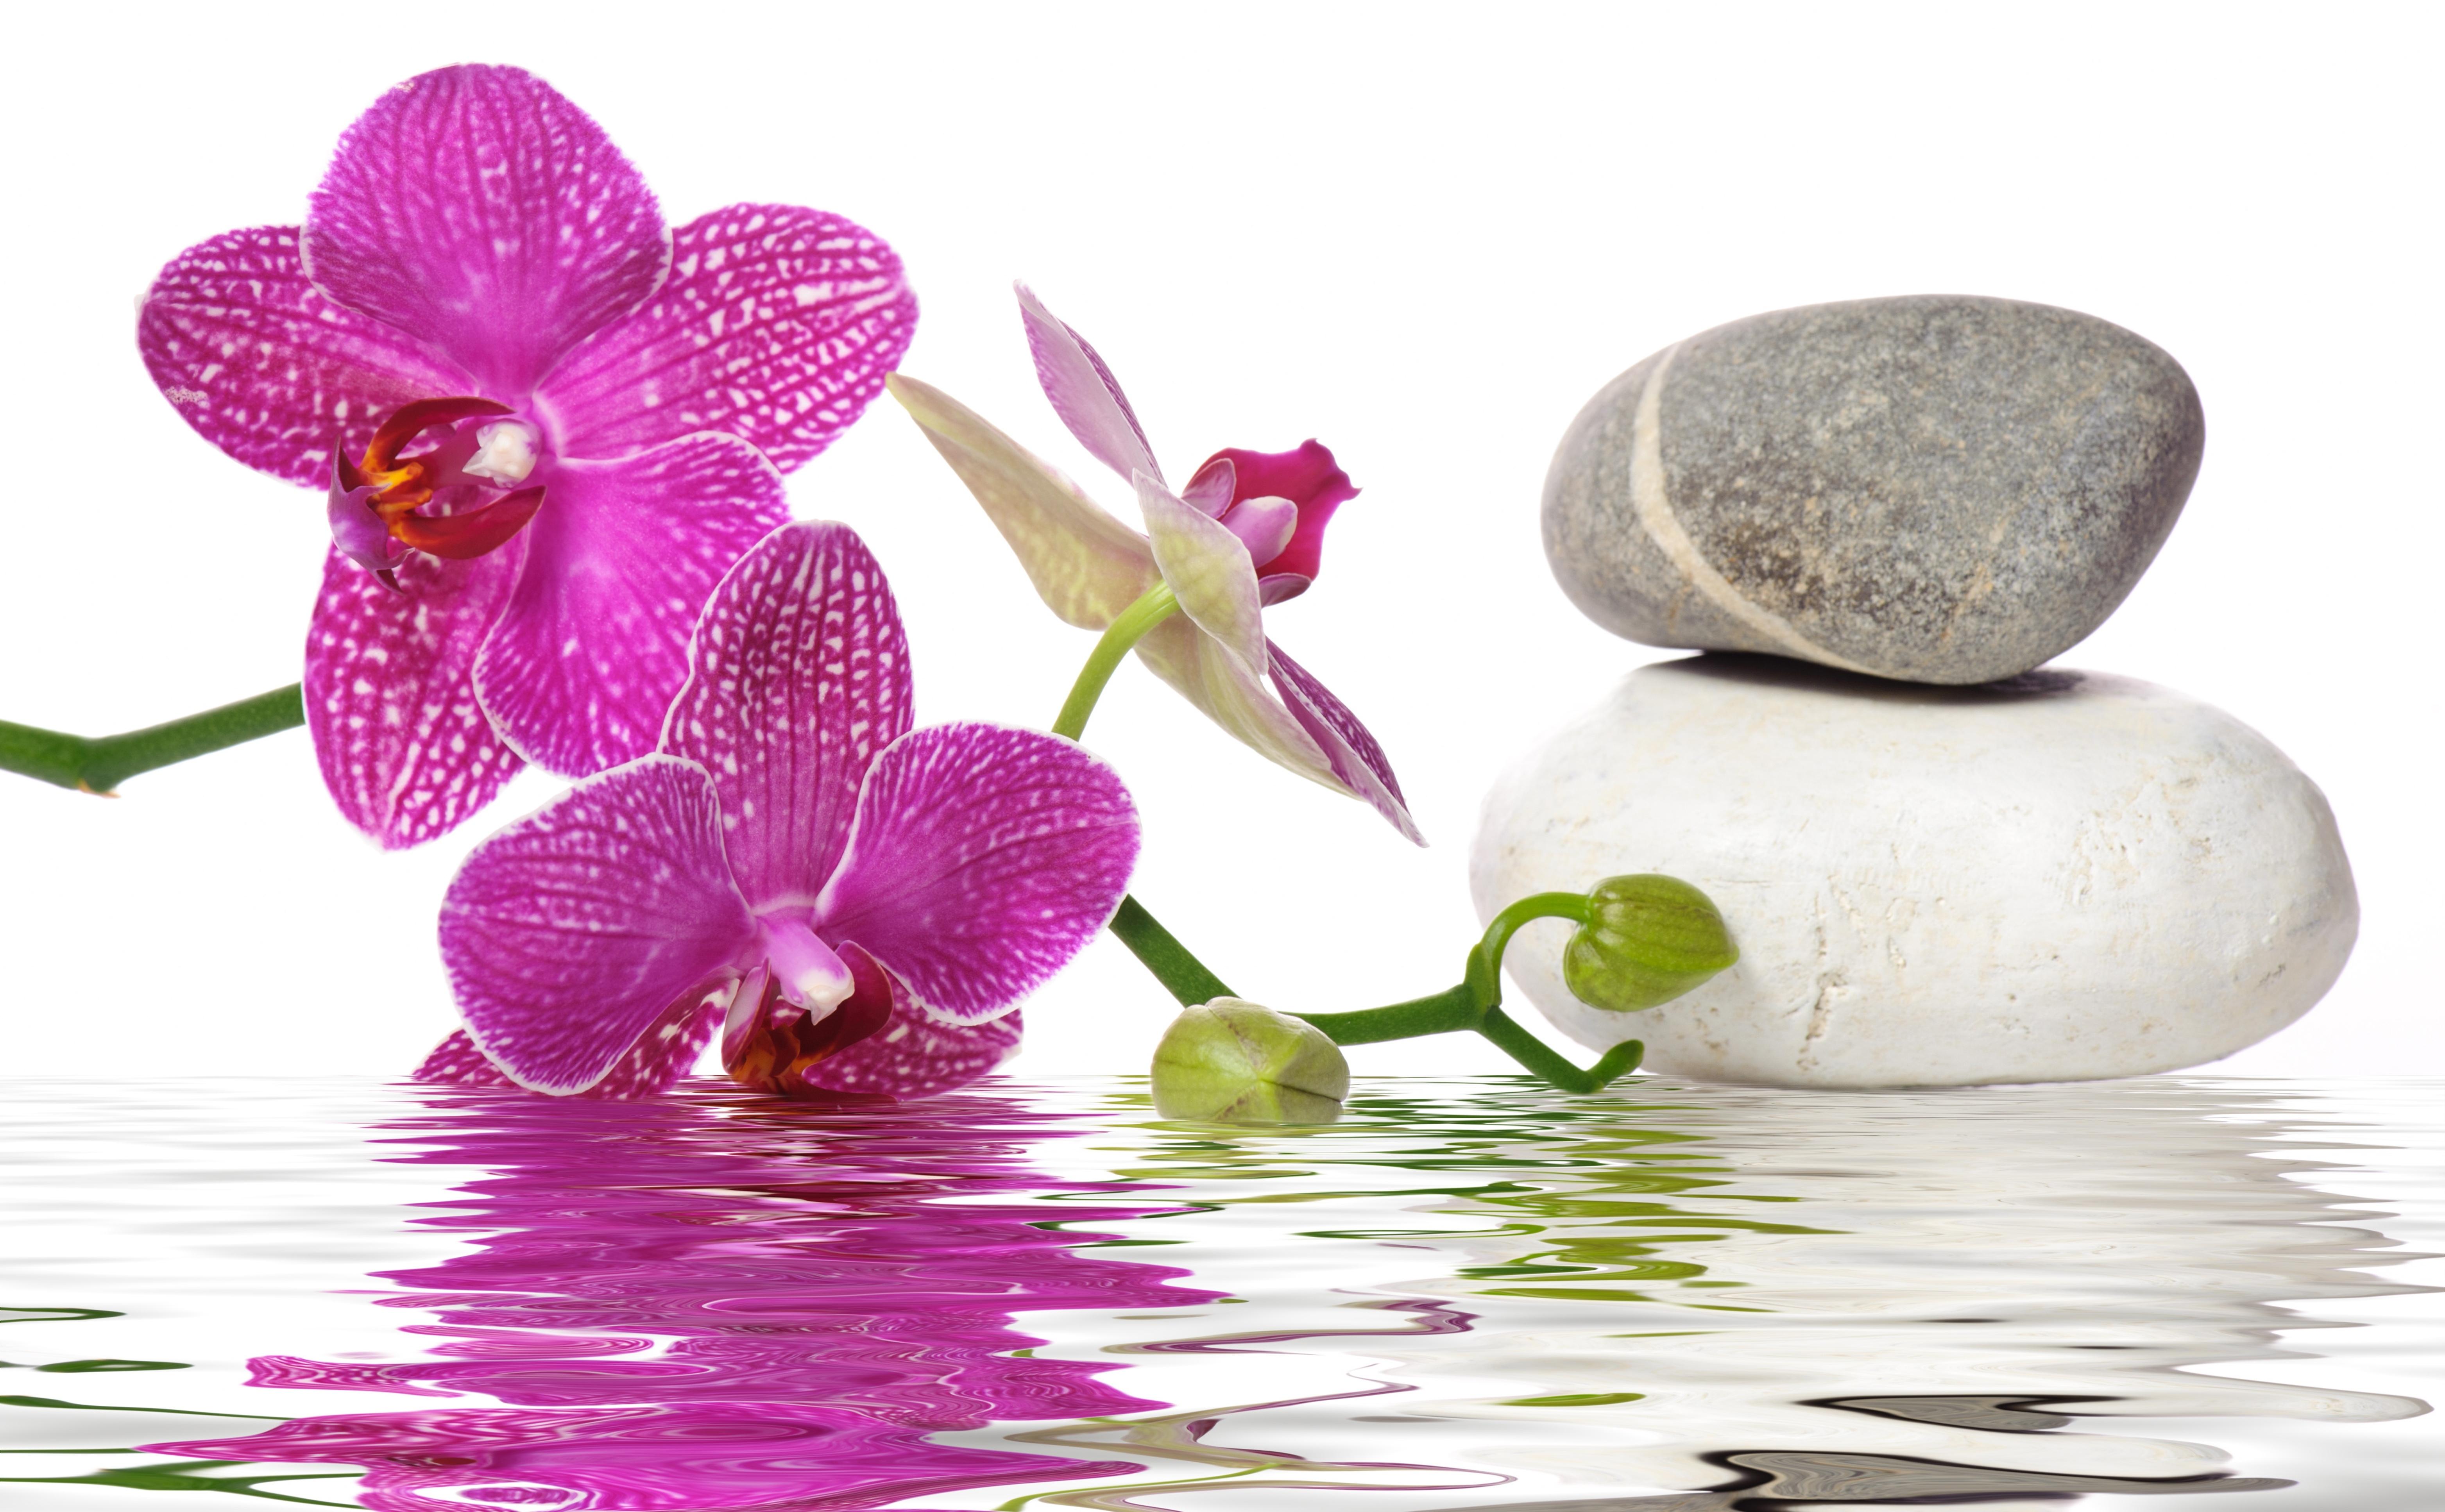 Обои для рабочего стола орхидеи на камнях